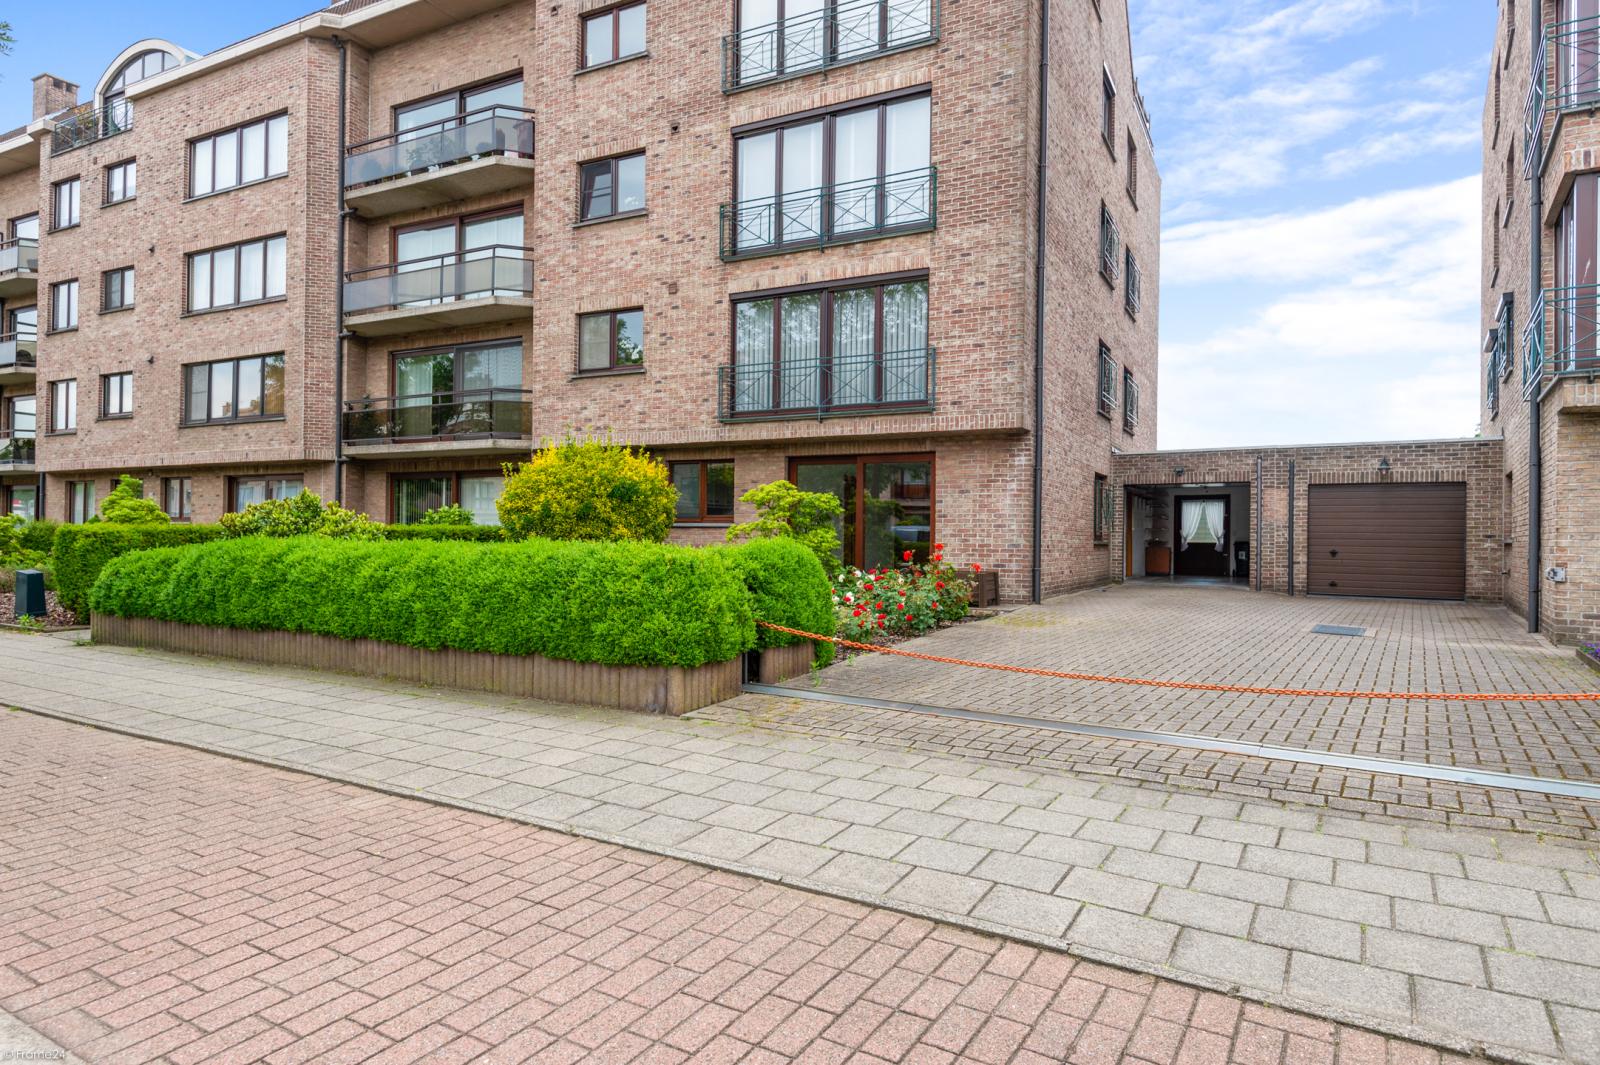 Zeer verzorgd en ruim gelijkvloers appartement (+/- 100m²) met tuin nabij het centrum van Schoten! afbeelding 1